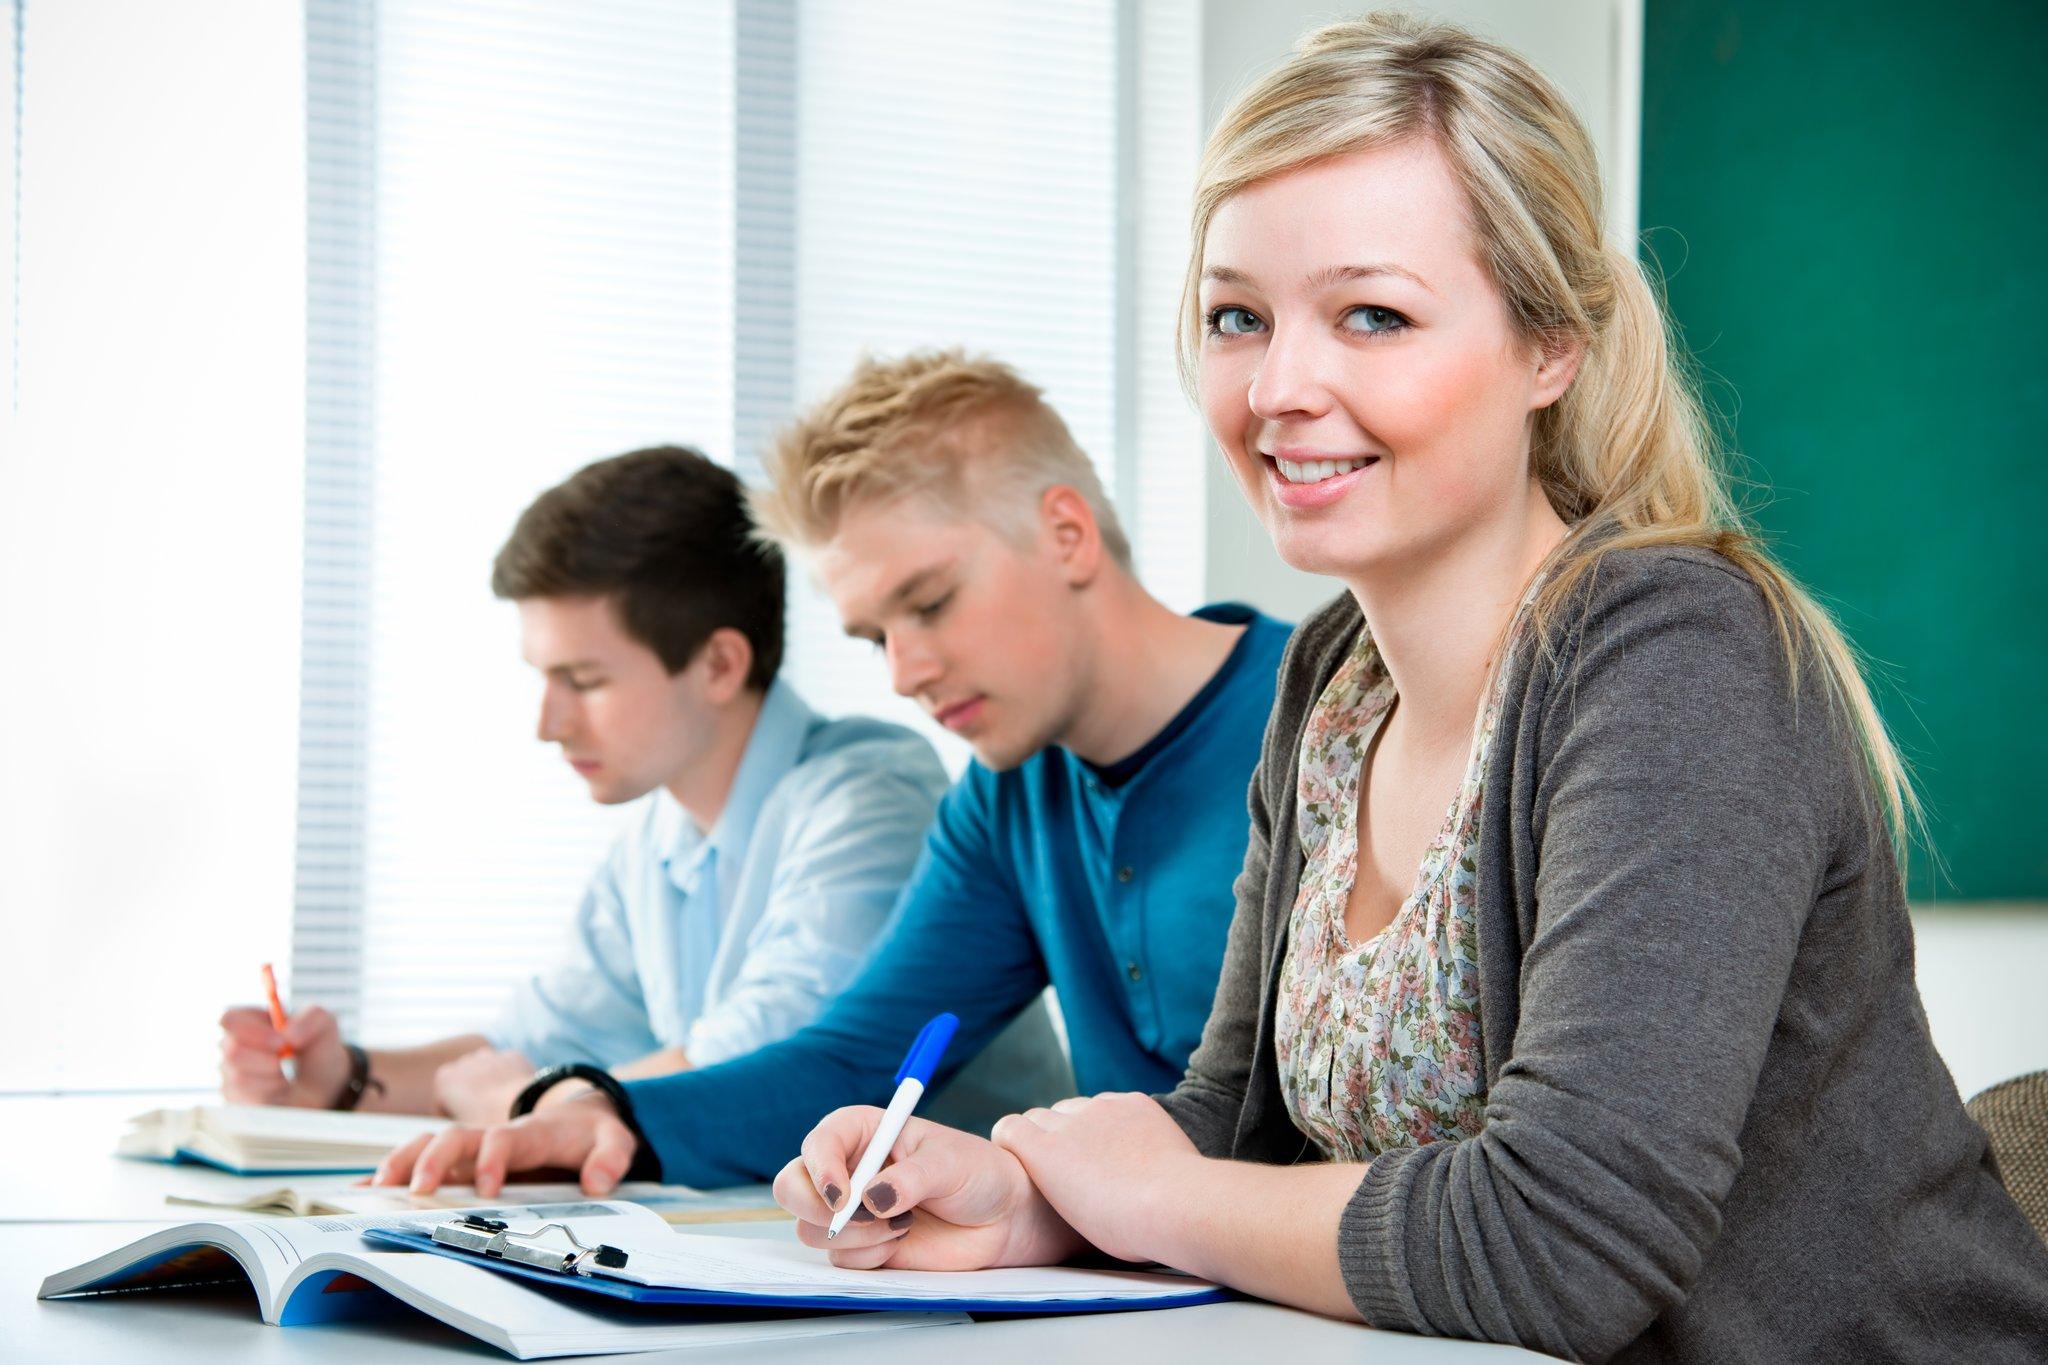 Studieren Ohne Ausbildung